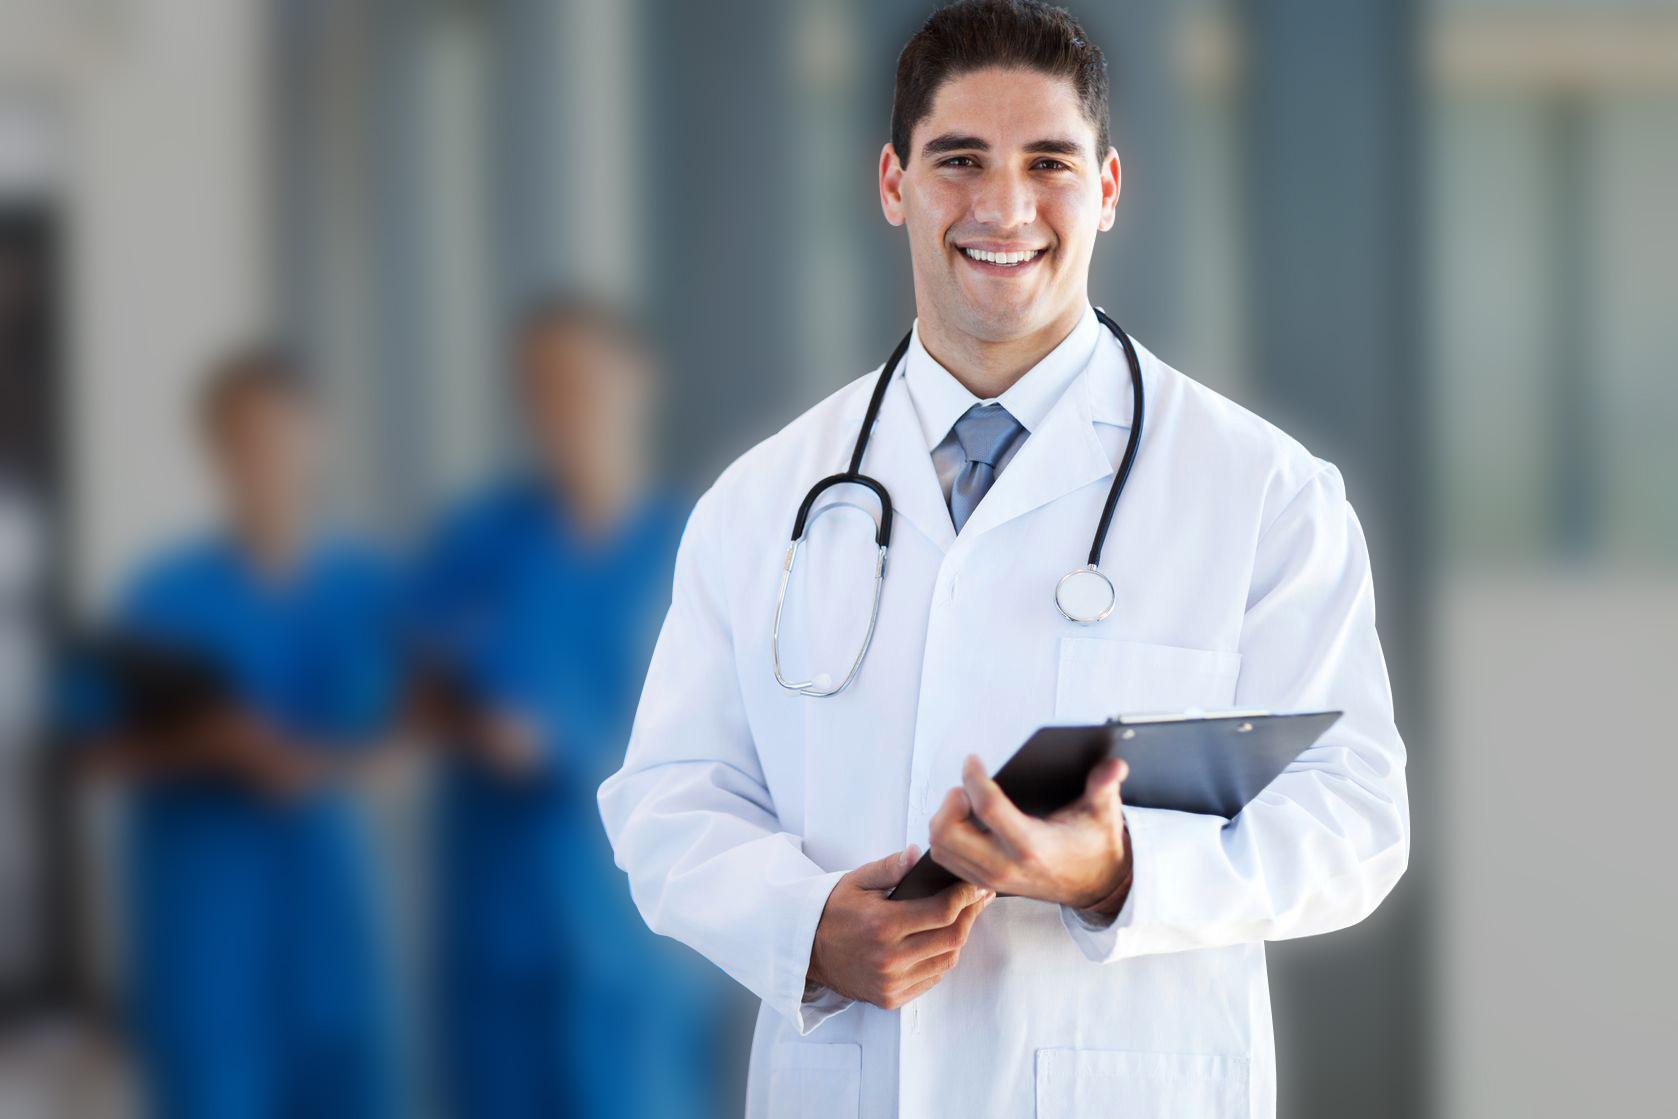 O Médico Jovem merece atenção